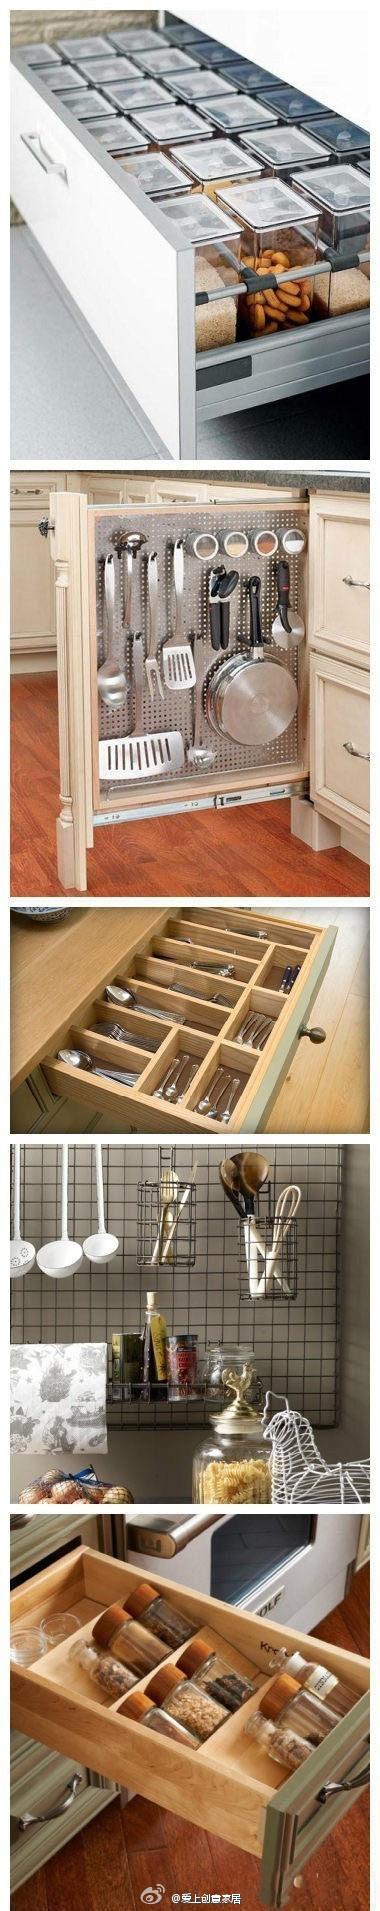 打造一个清洁的厨房